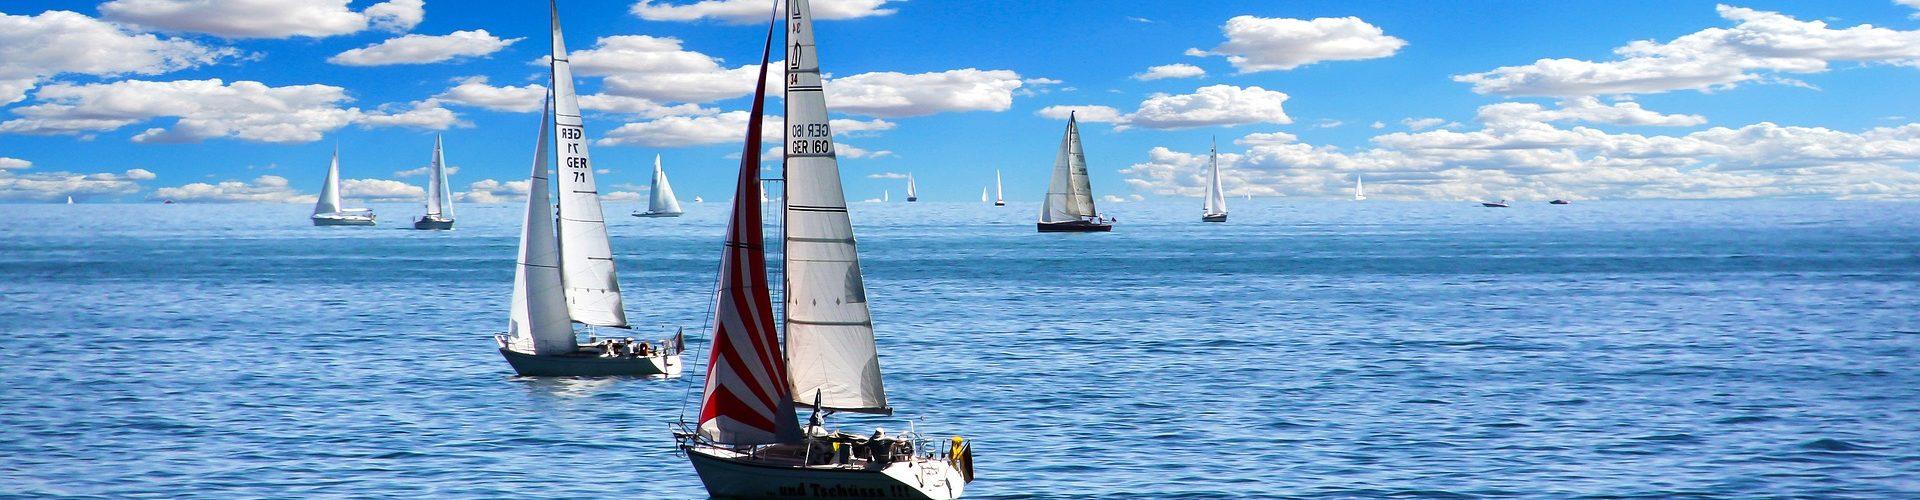 segeln lernen in Dorsten segelschein machen in Dorsten 1920x500 - Segeln lernen in Dorsten